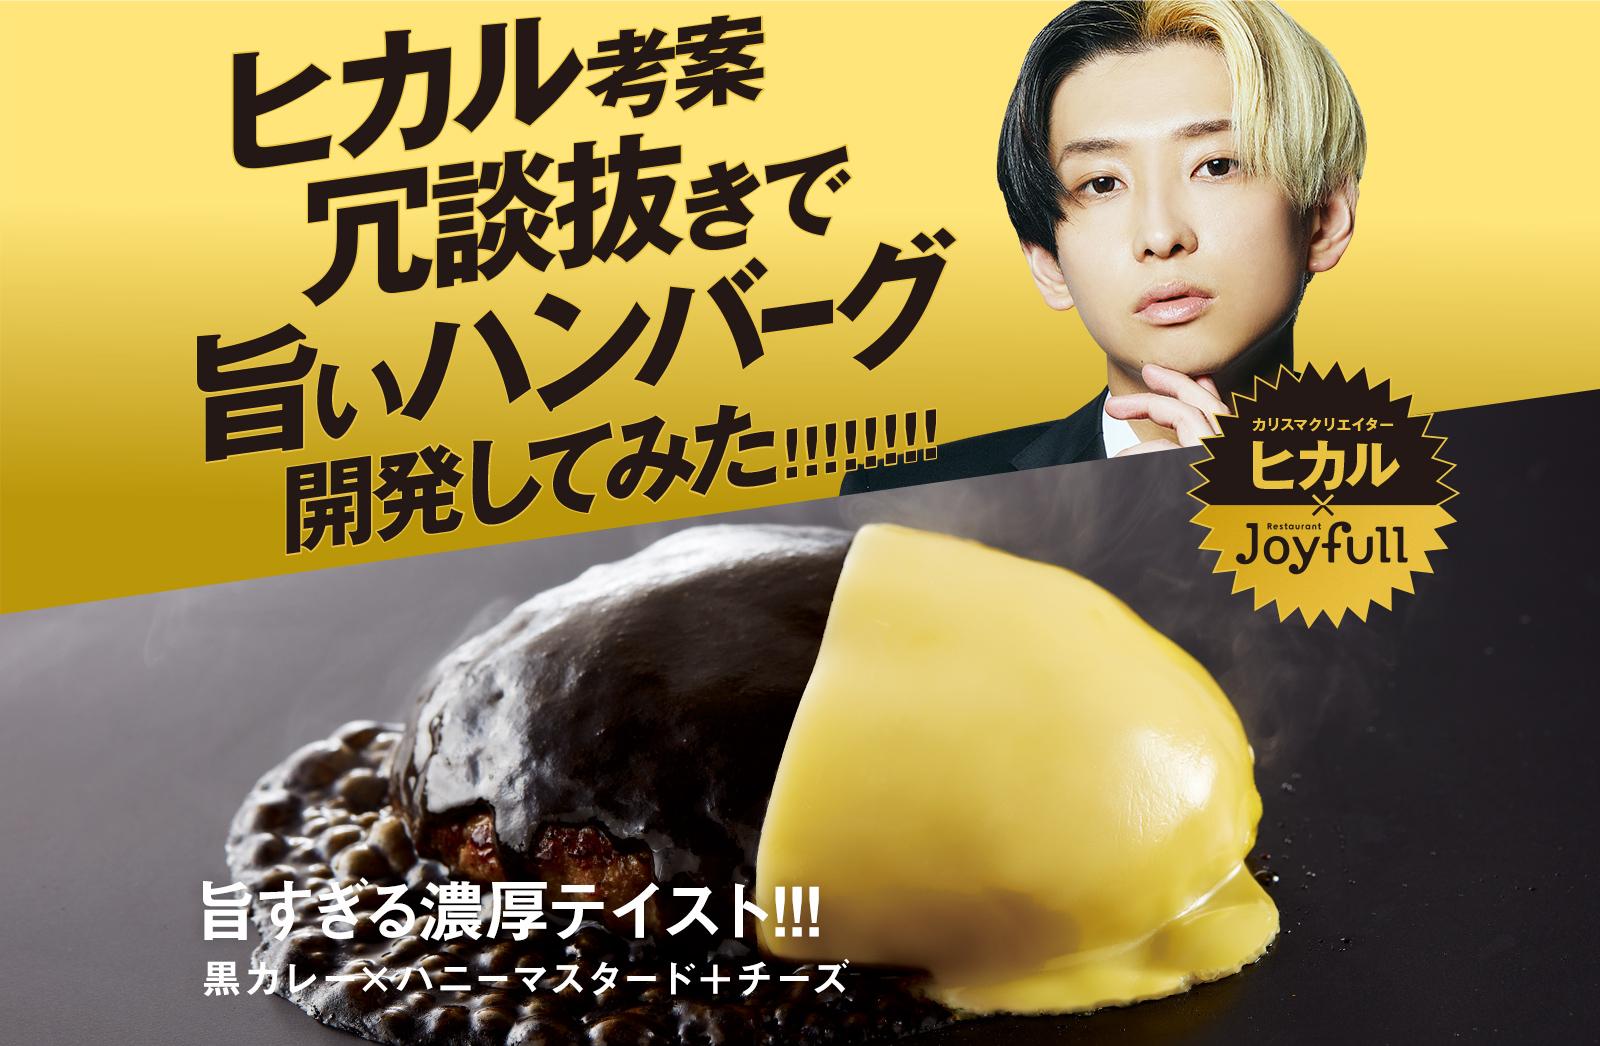 株式会社ジョイフル様×ヒカル コラボメニュー『ヒカル考案 冗談抜きでうまいハンバーグ』販売開始